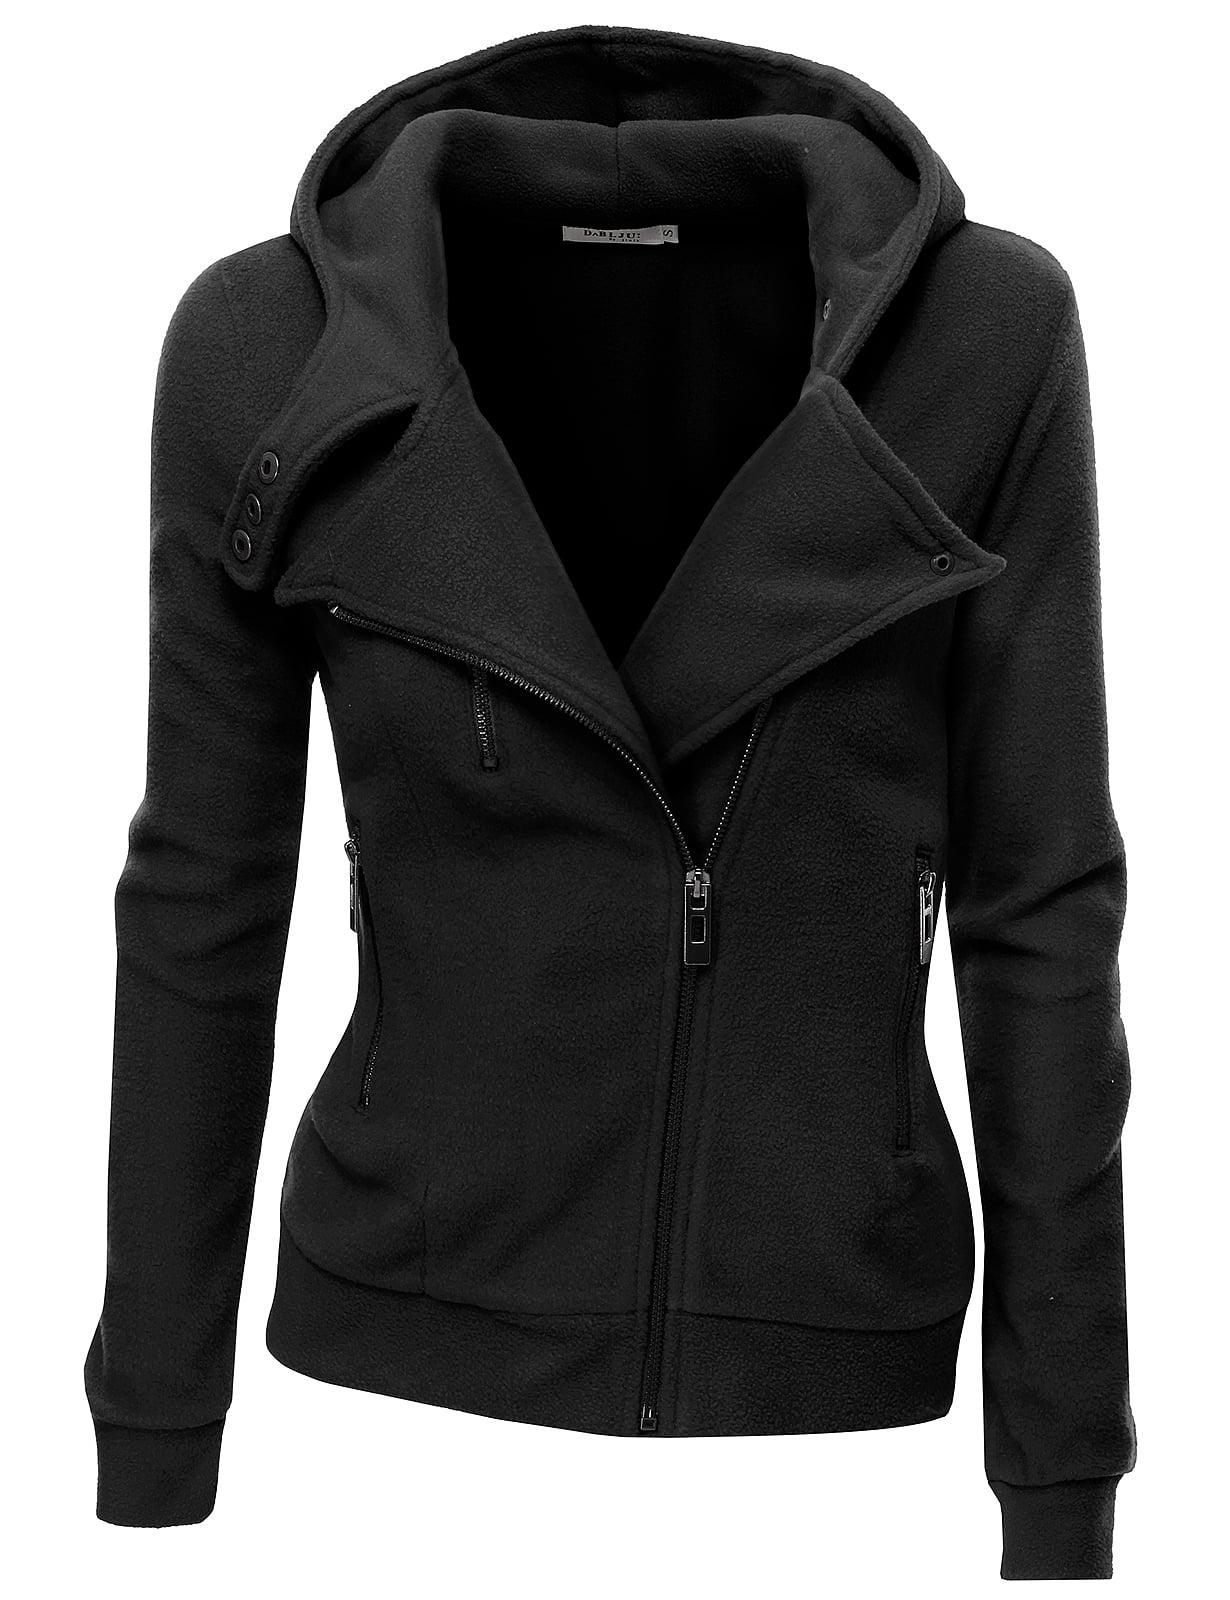 Doublju Women's Women's Fleece Casual Zip-Up High Neck Hoodie Jacket BLACK S